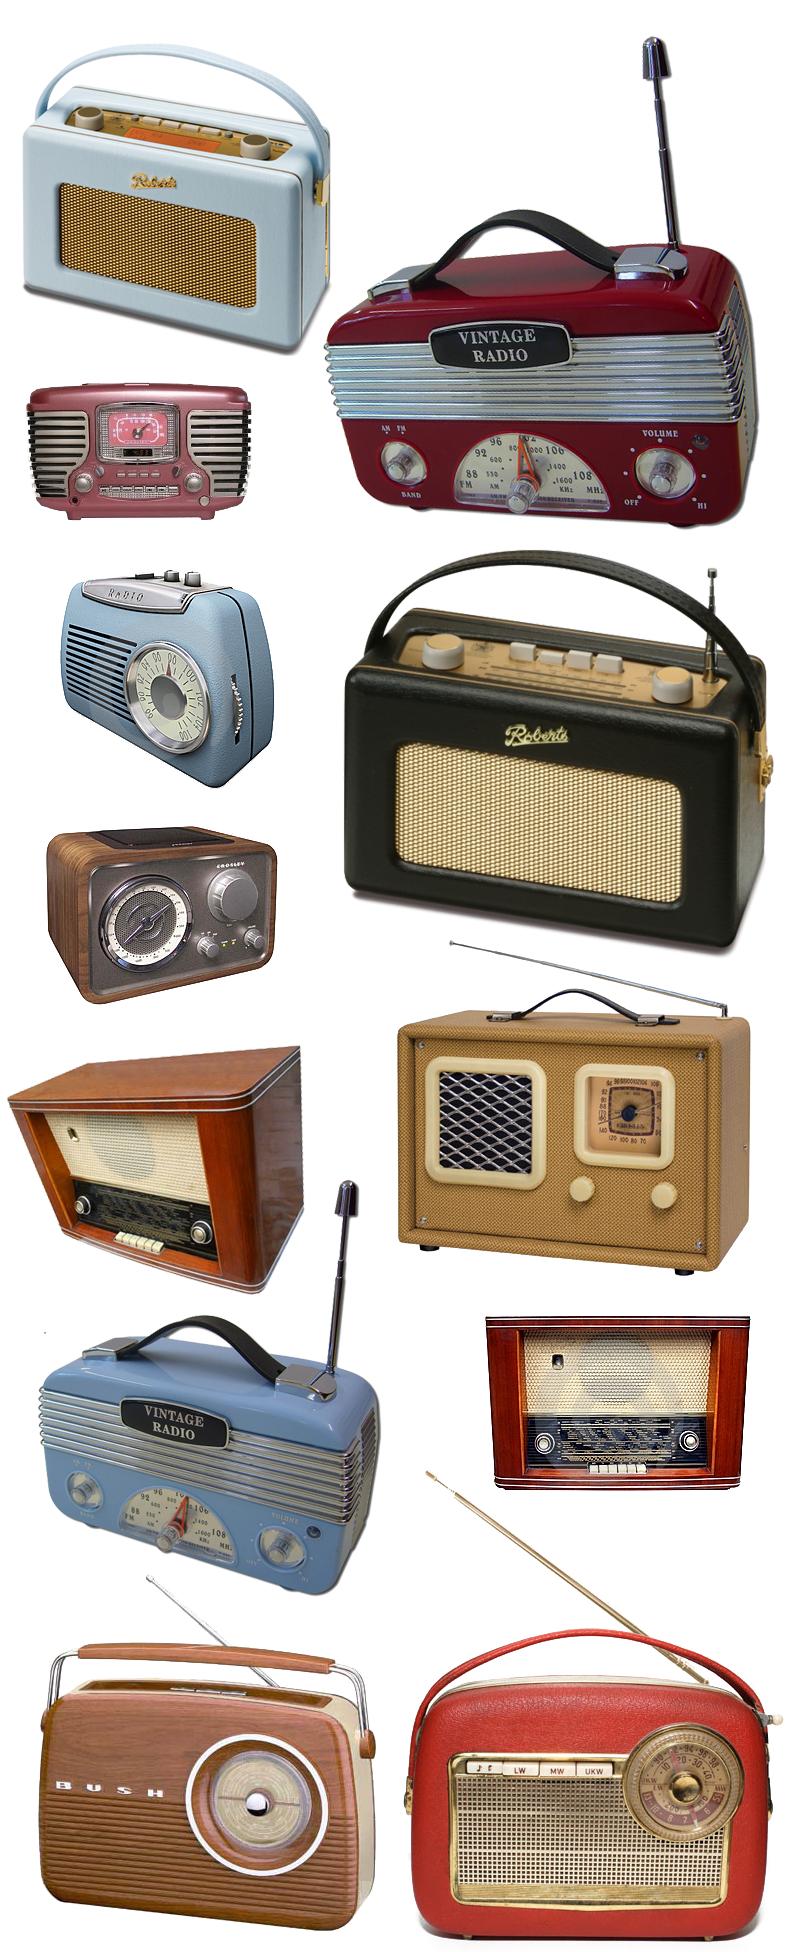 Retro Radio By Simplyuse On Deviantart Retro Radios Vintage Radio Antique Radio